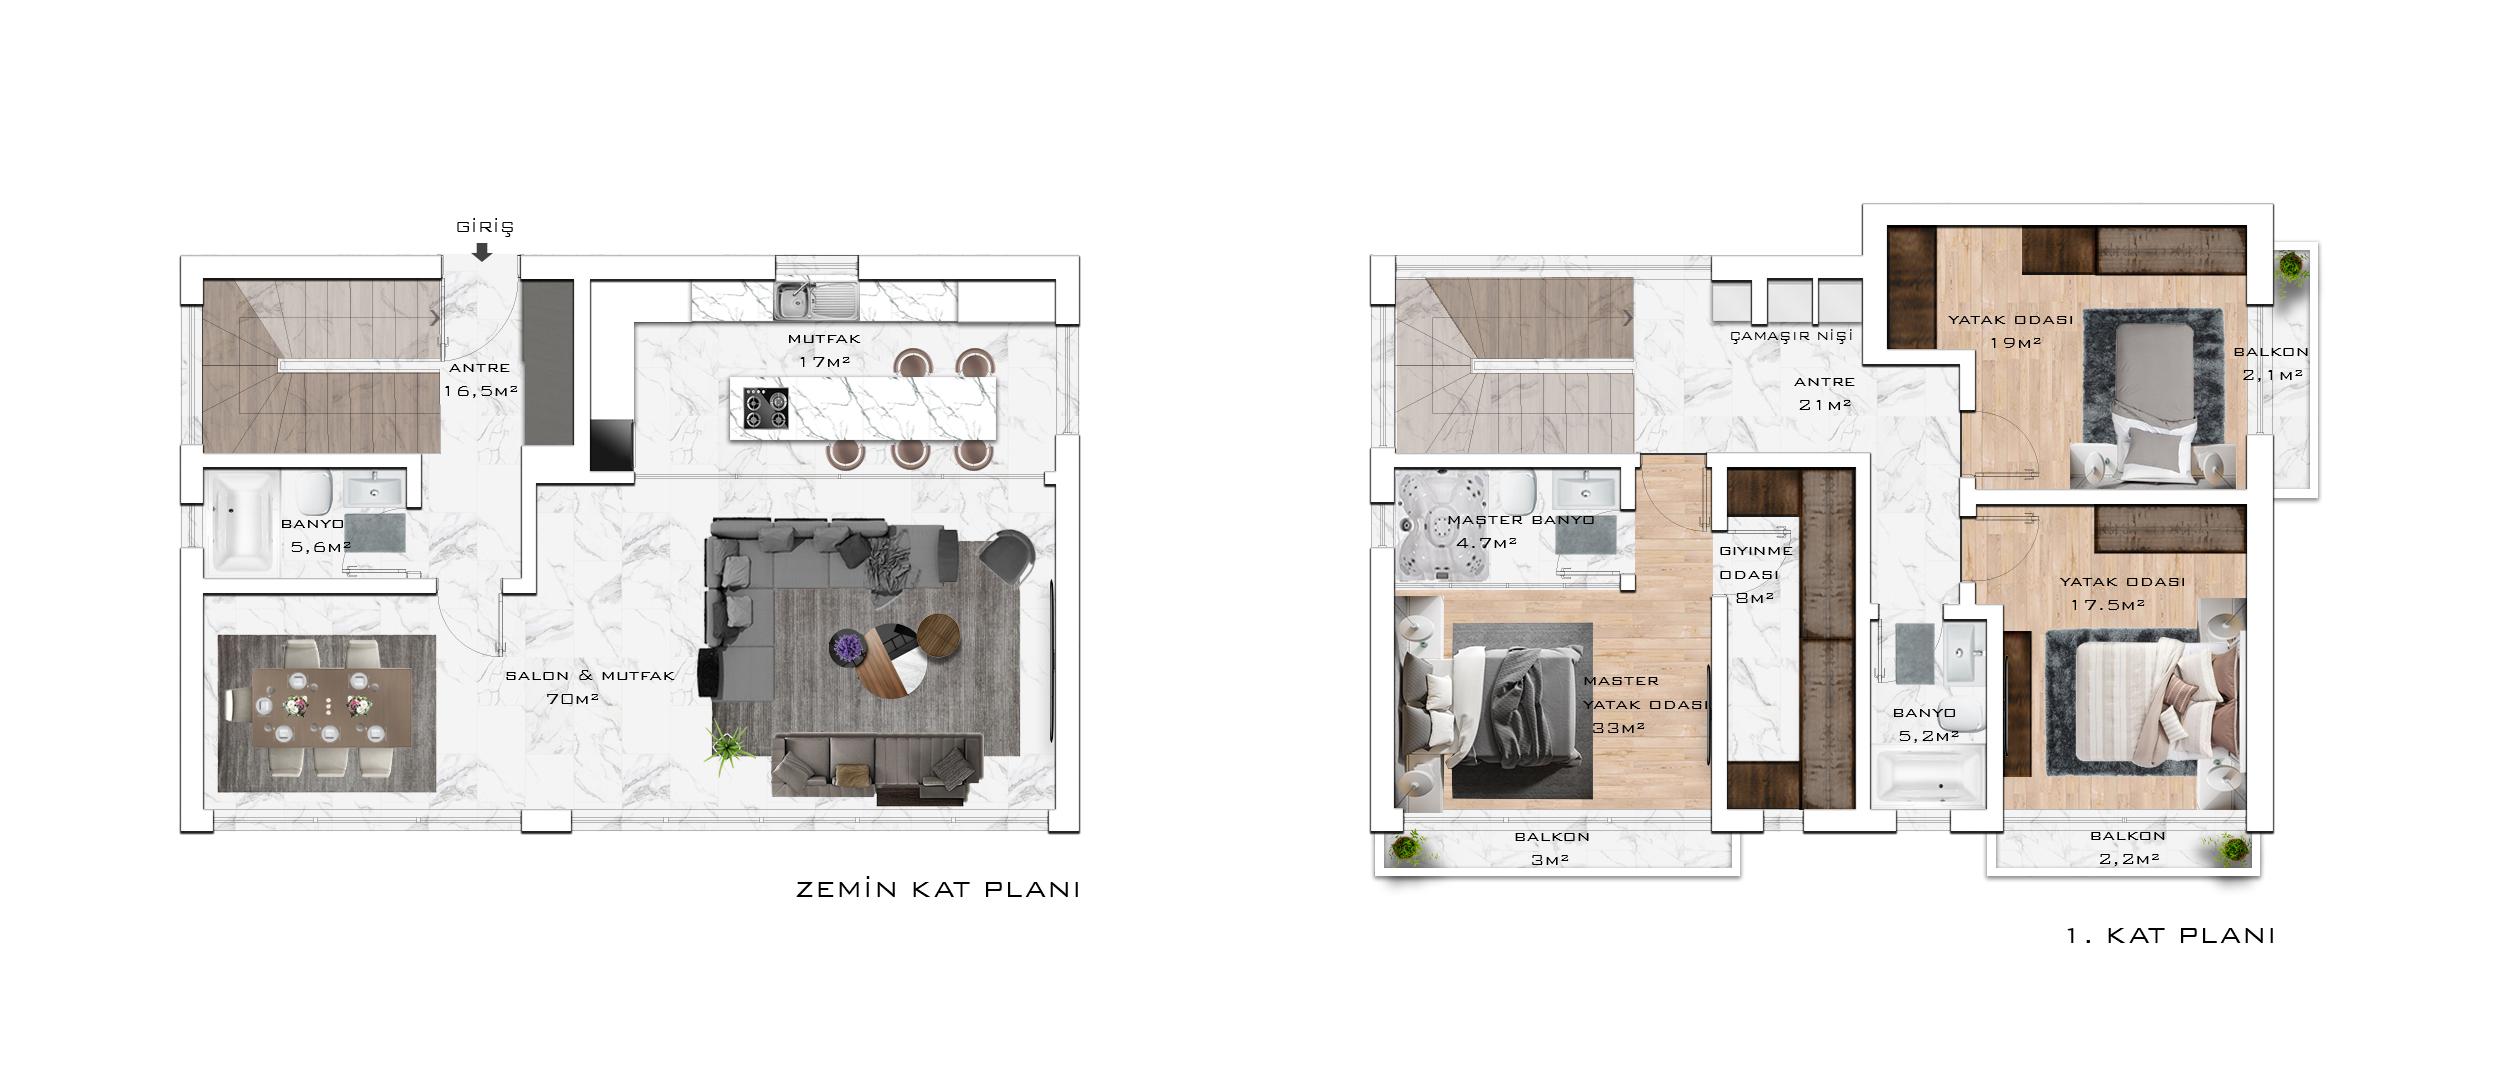 Инвестиционный проект жилого комплекса частных вилл в посёлке Авсаллар - Фото 26